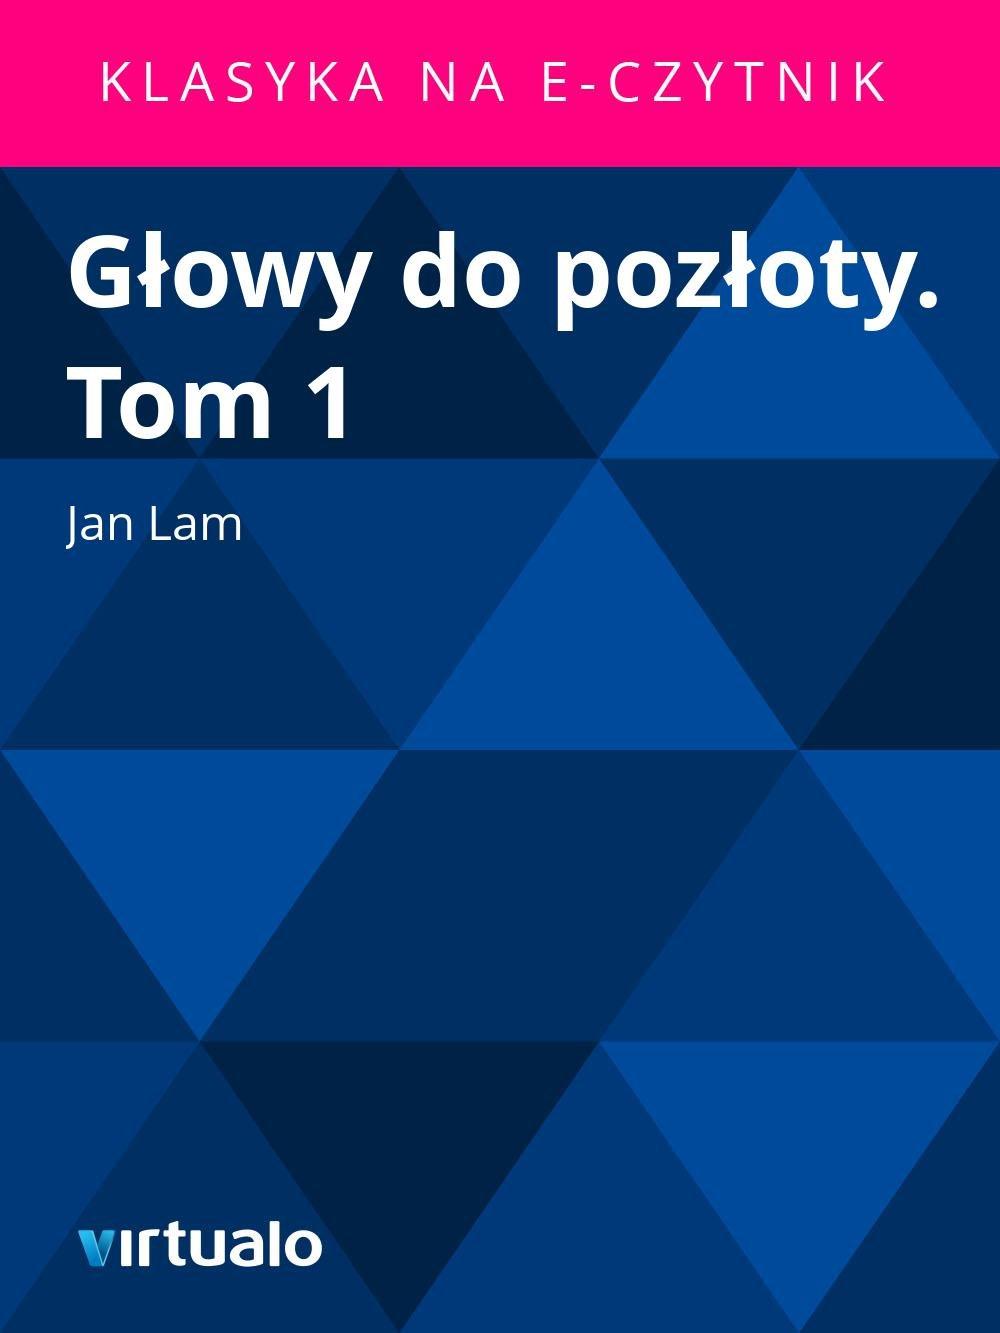 Głowy do pozłoty. Tom 1 - Ebook (Książka EPUB) do pobrania w formacie EPUB